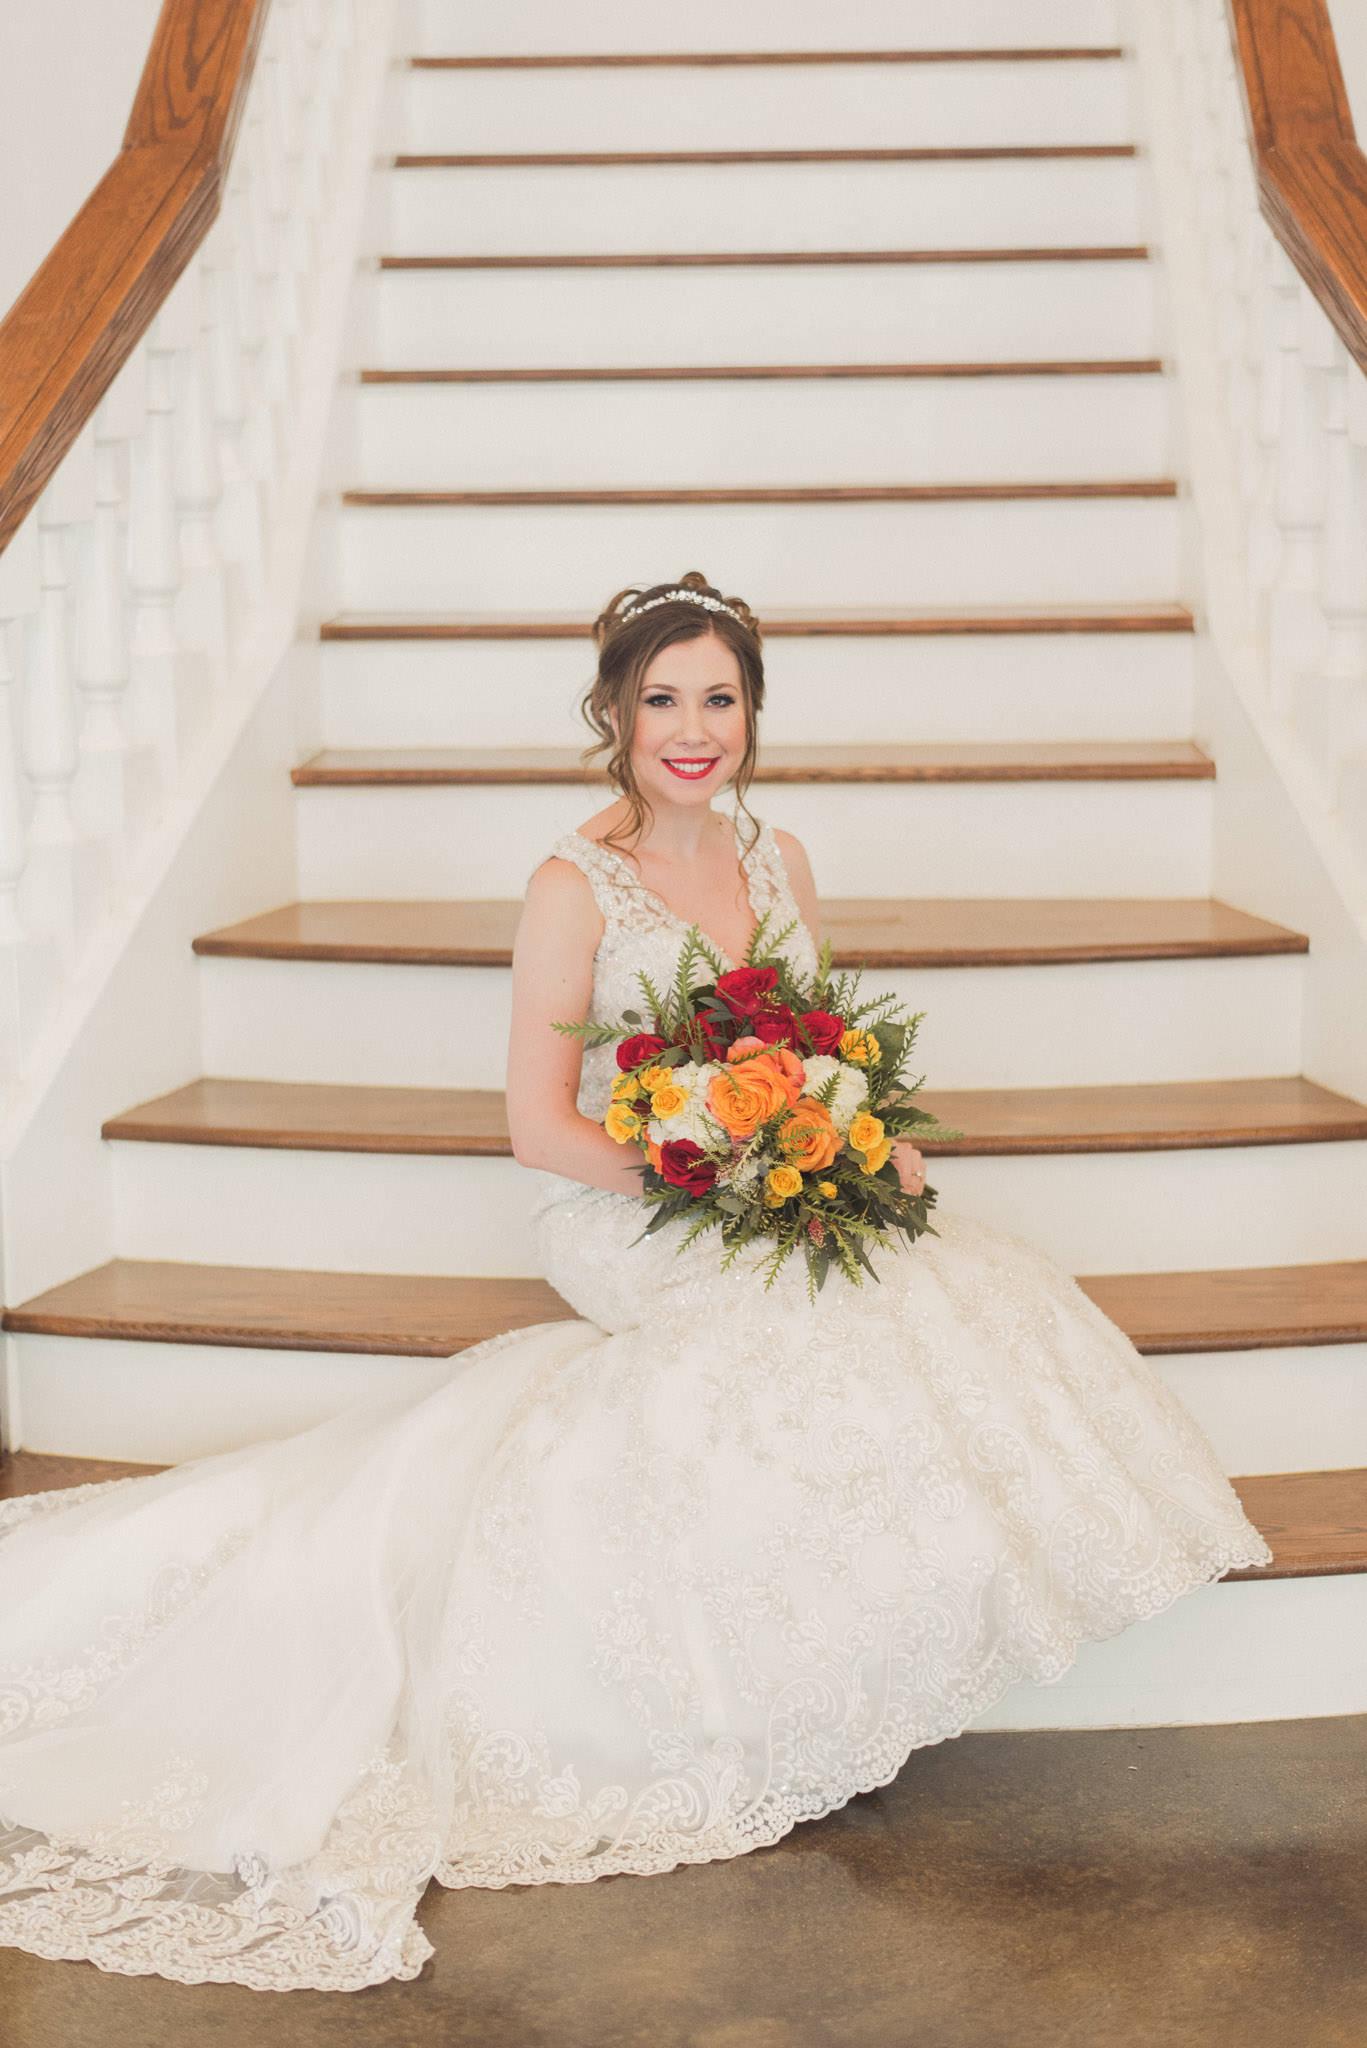 Adrianna-Garcia-Bridal-sm-1.jpg